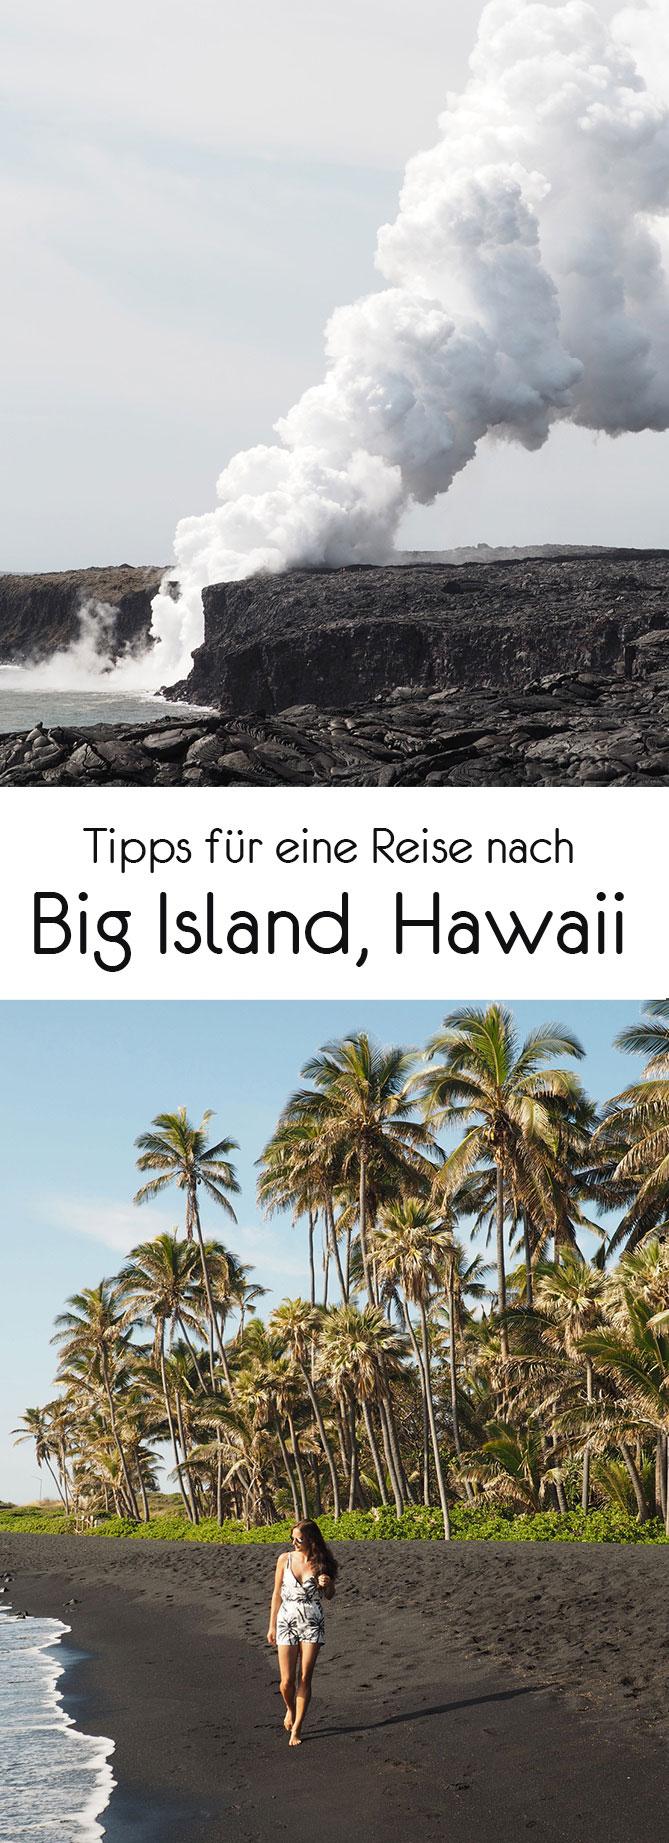 bigisland pinterest2 - Big Island - Ein aktiver Vulkan, Lava und viele Delfine